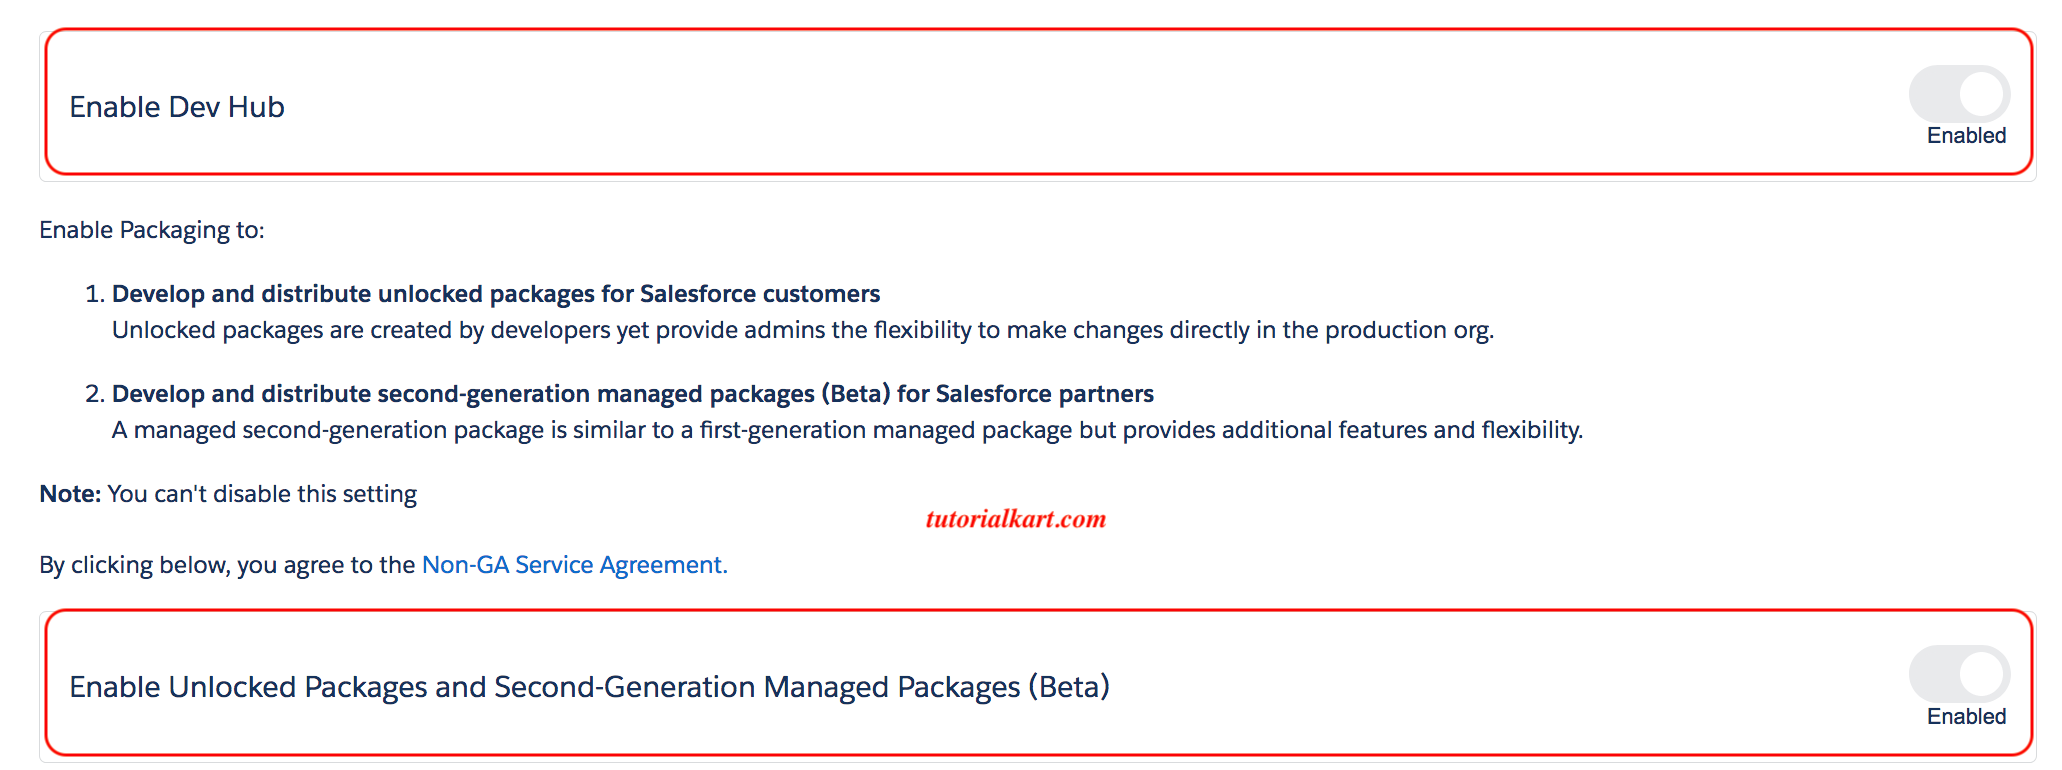 Enable Dev Hub in Salesforce Org